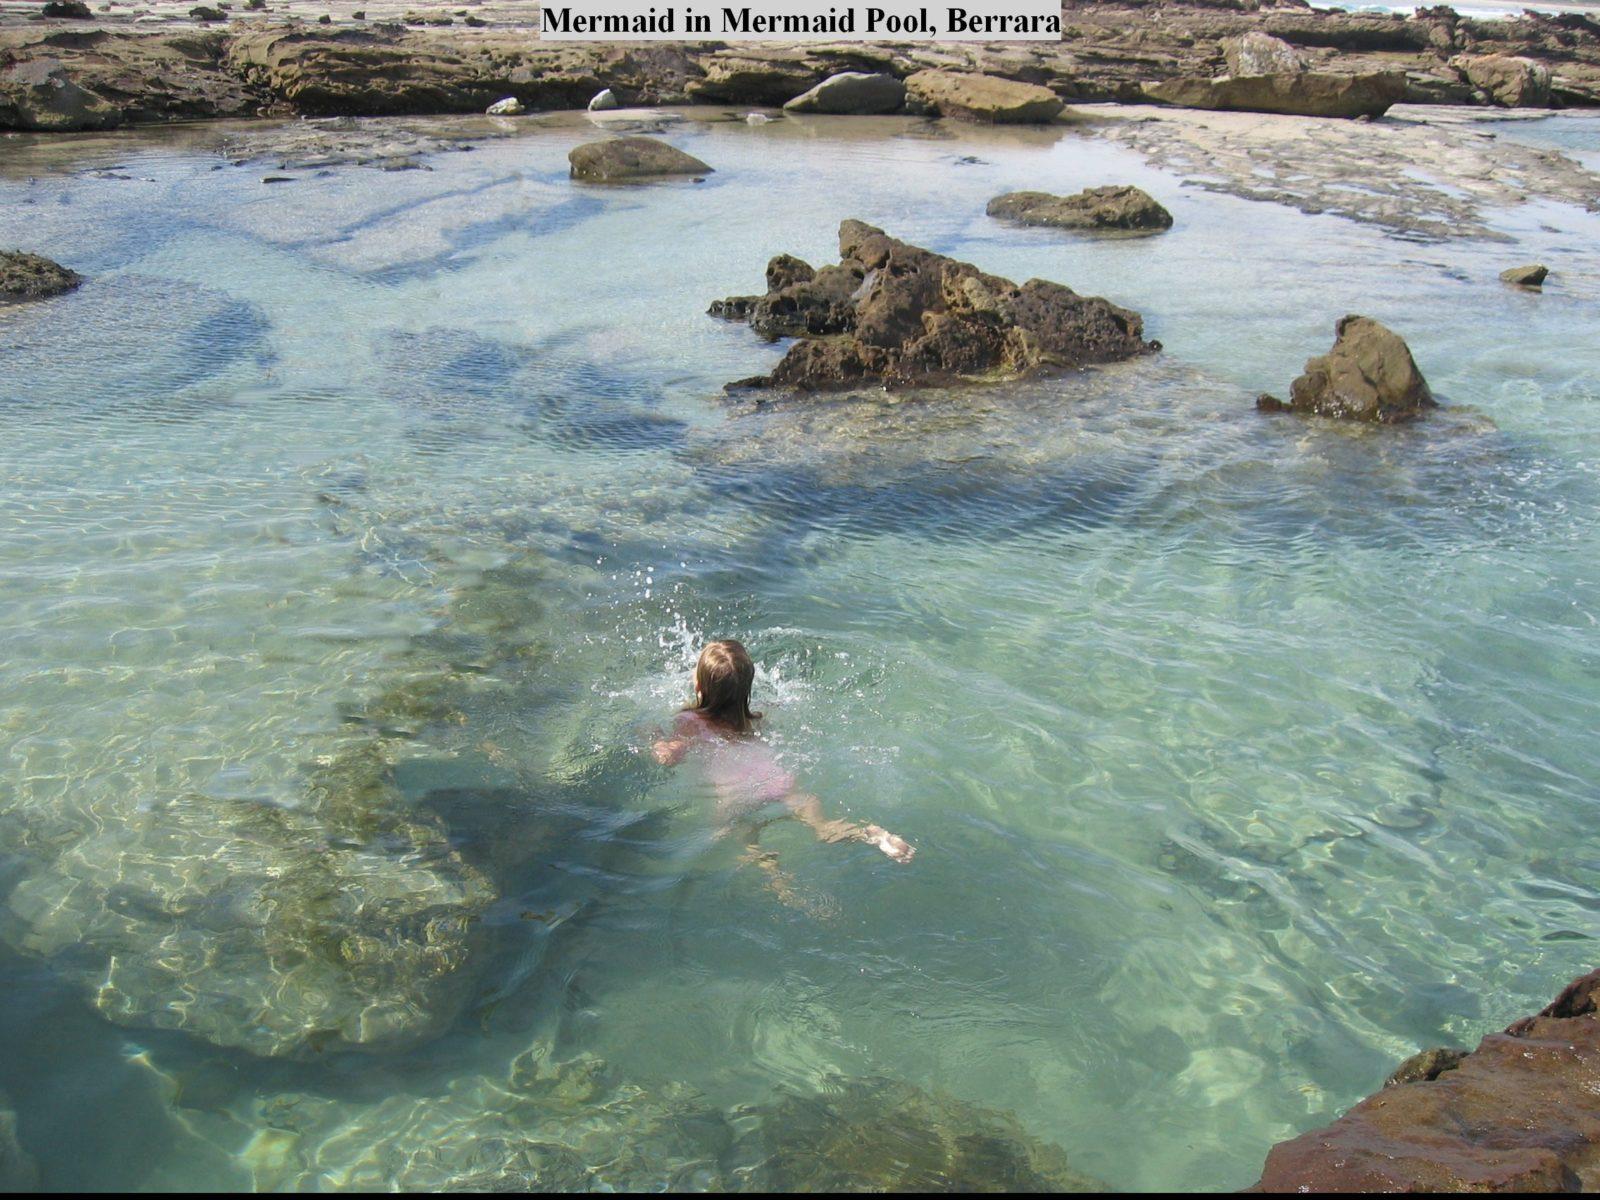 Mermaid Pools